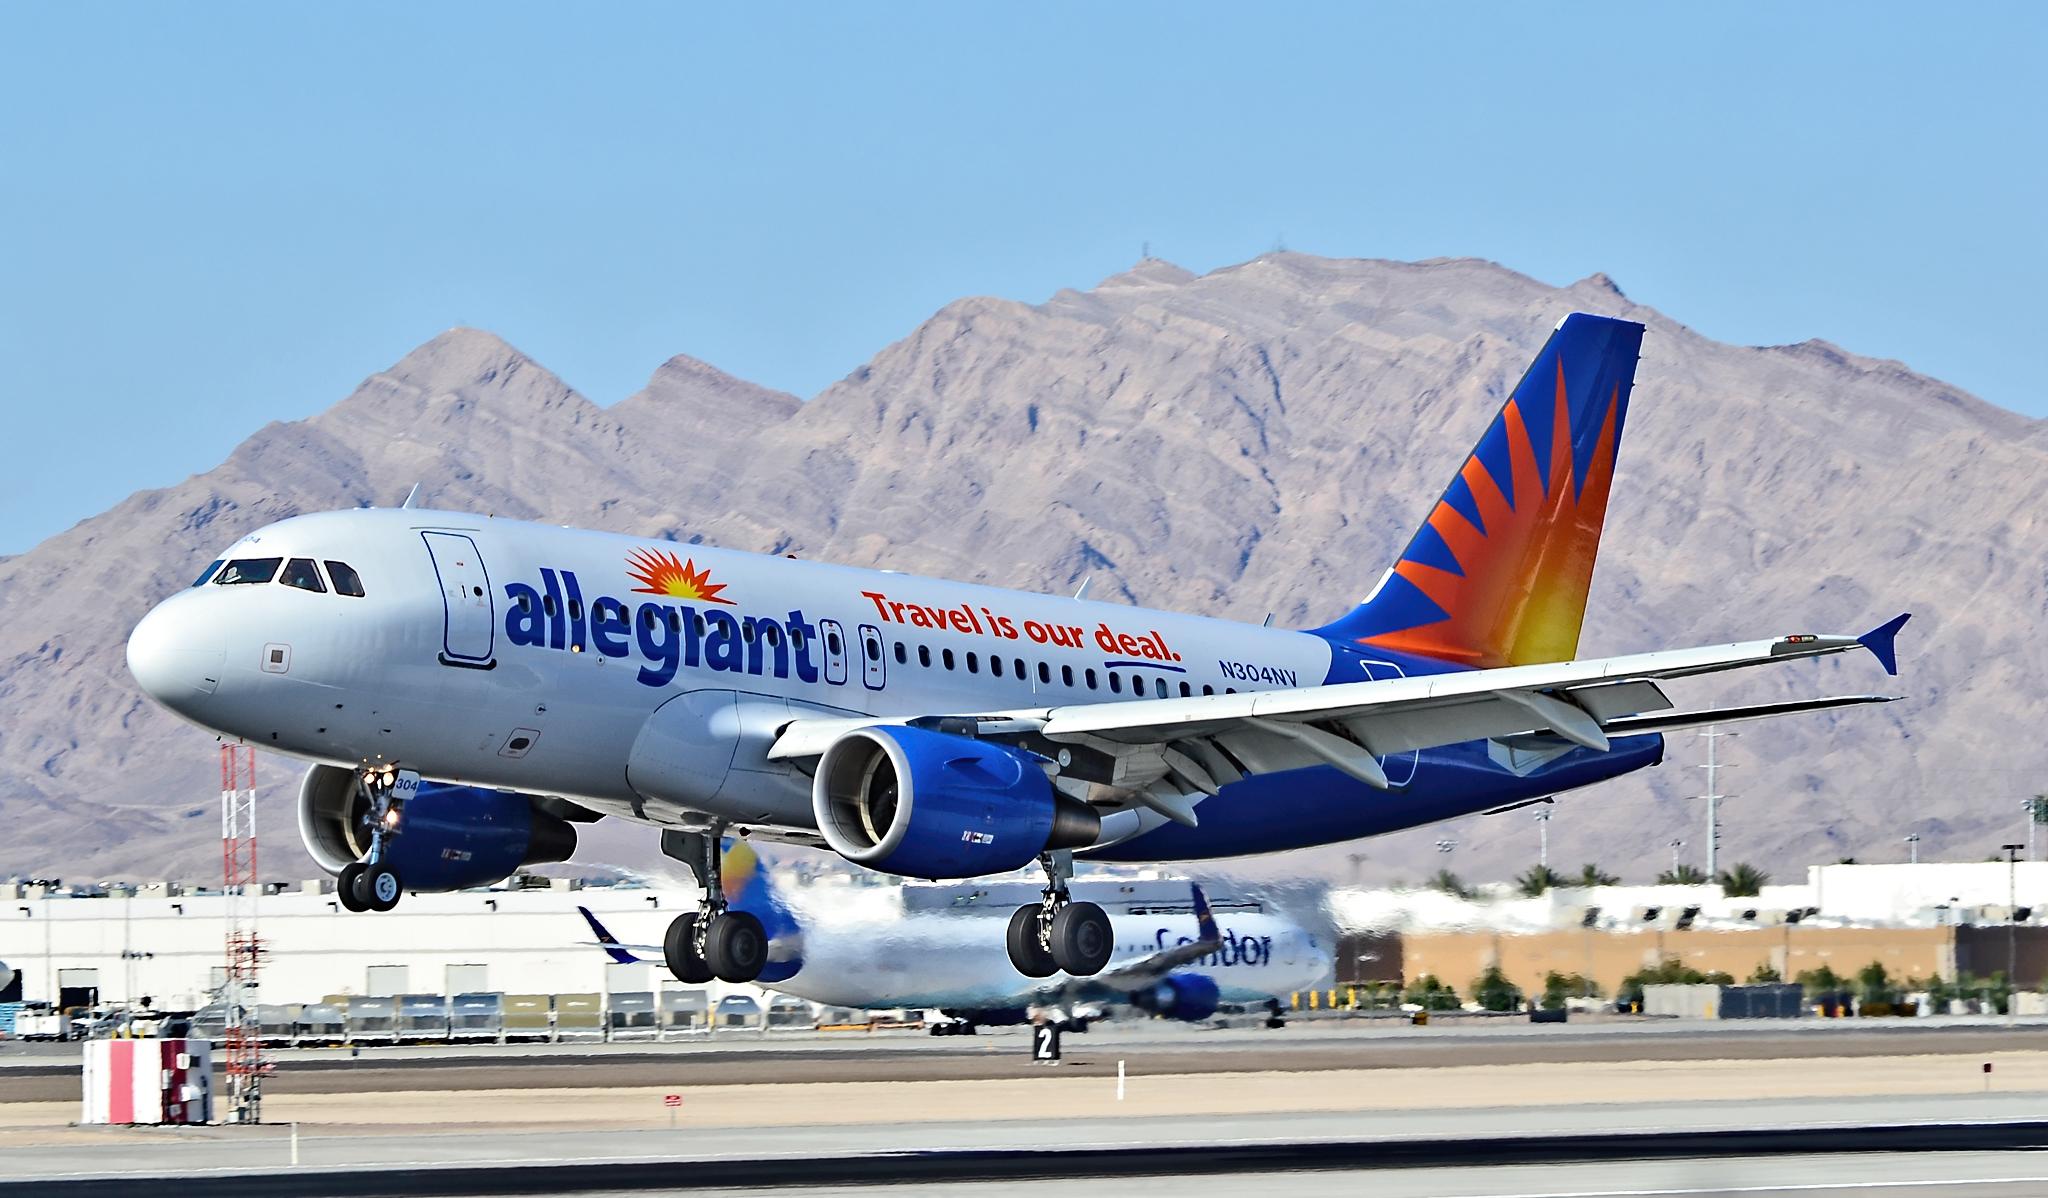 Det amerikanske lavprisflyselskab Allegiant afviser, at det har problemer med sikkerheden. Foto: Tomás Del Coro